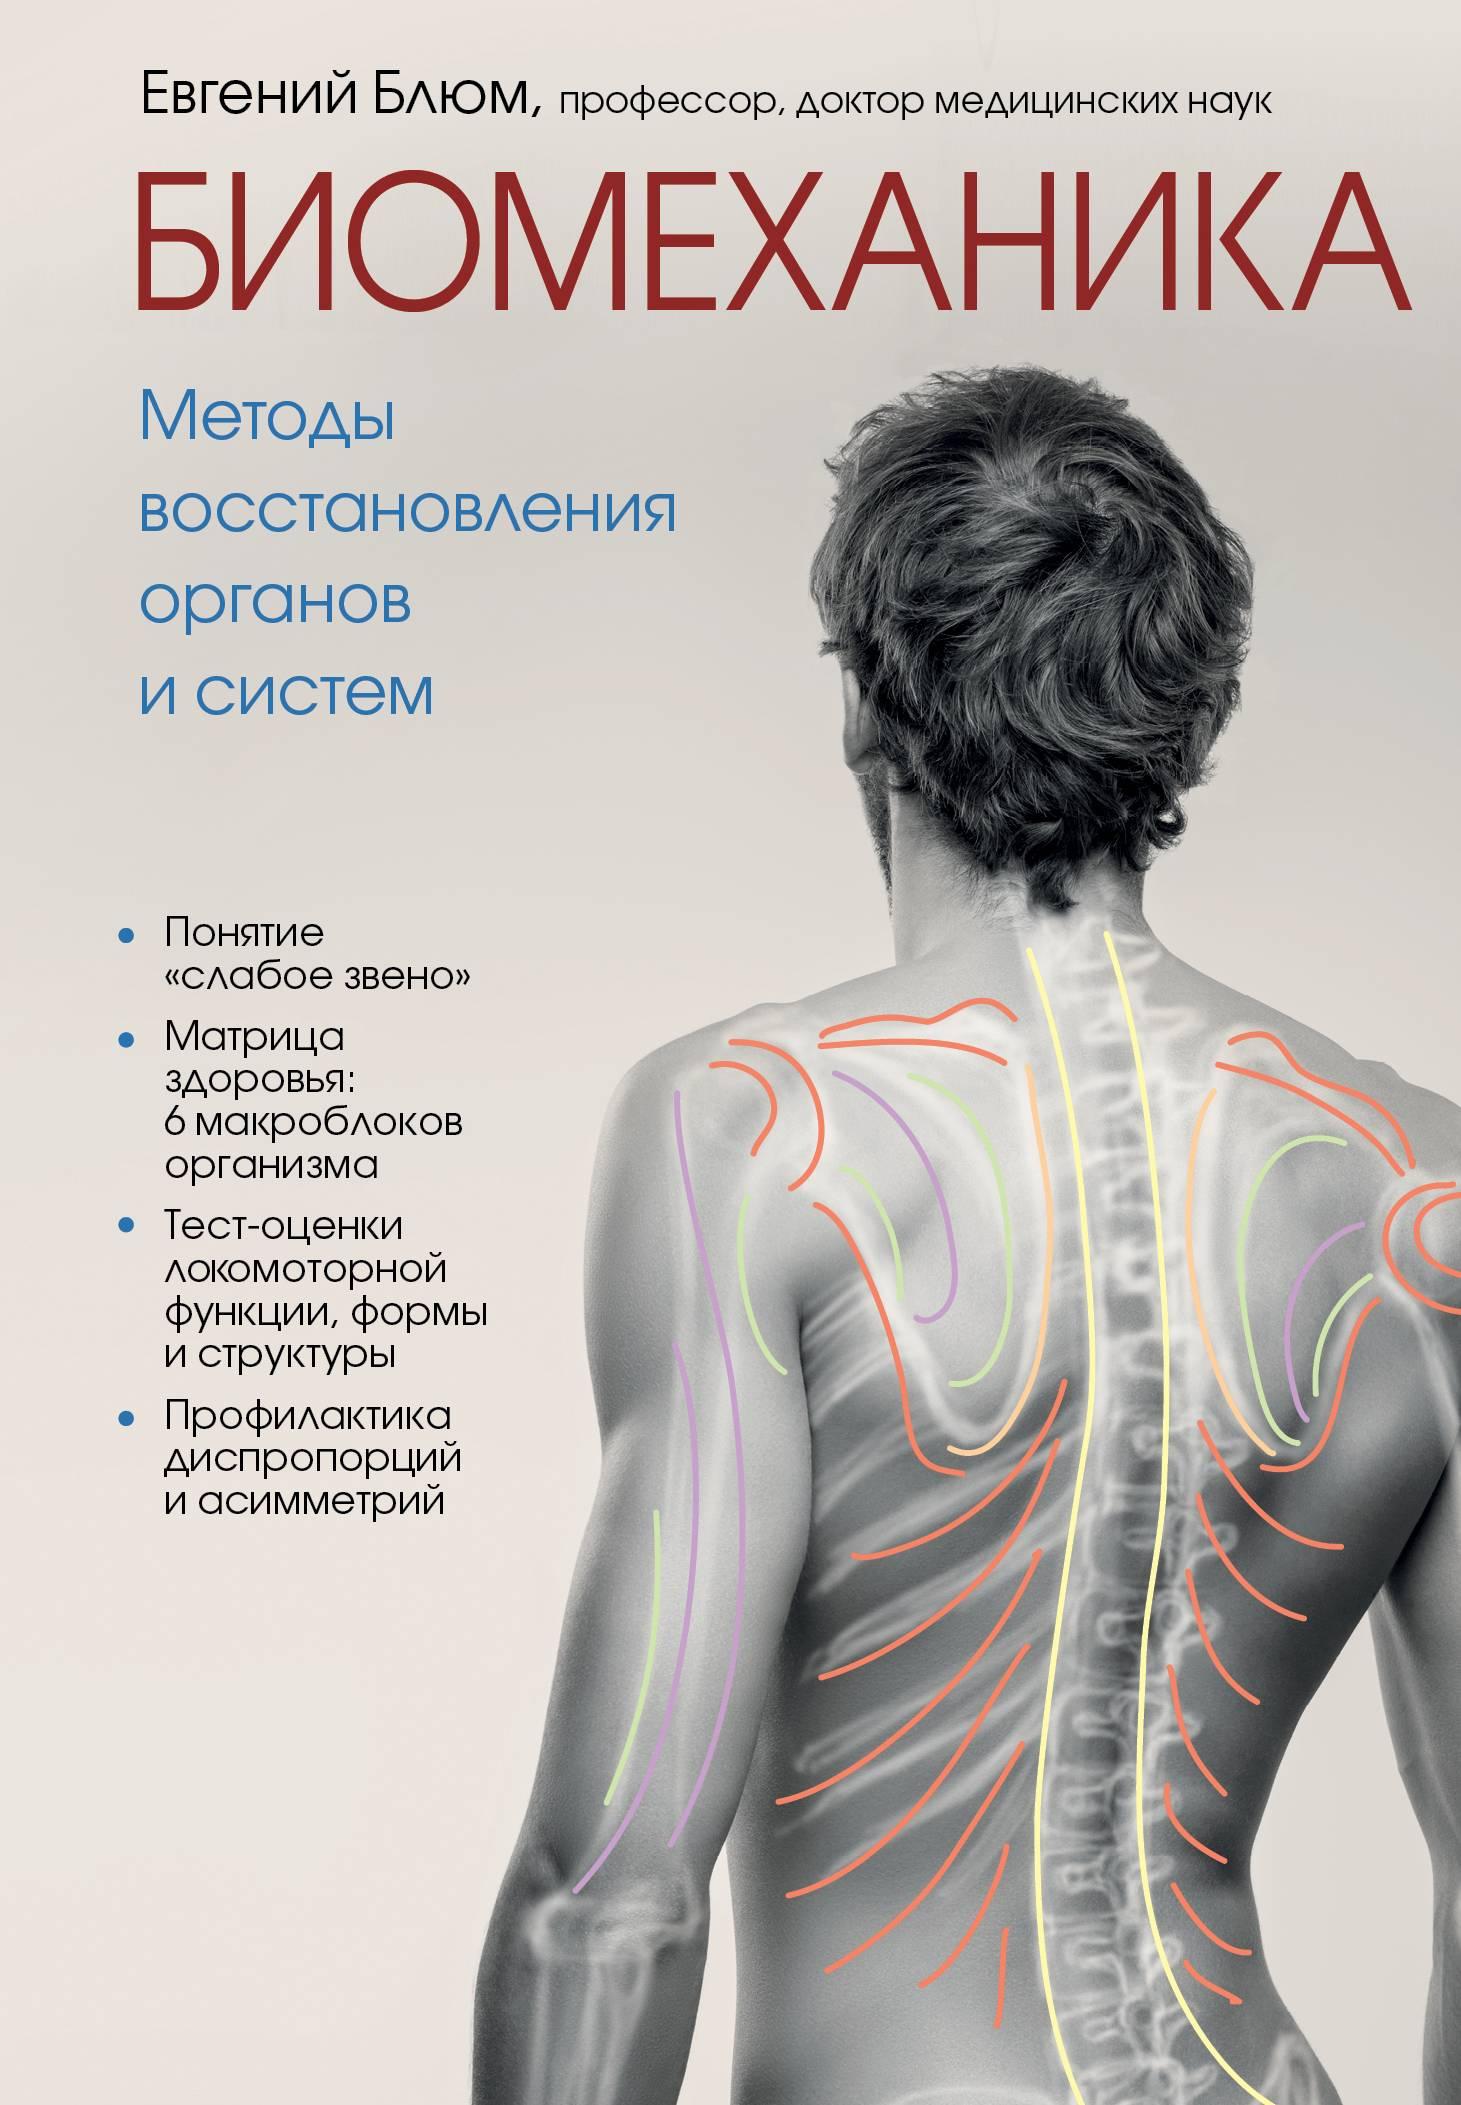 Евгений Блюм - Биомеханика. Методы восстановления органов и систем